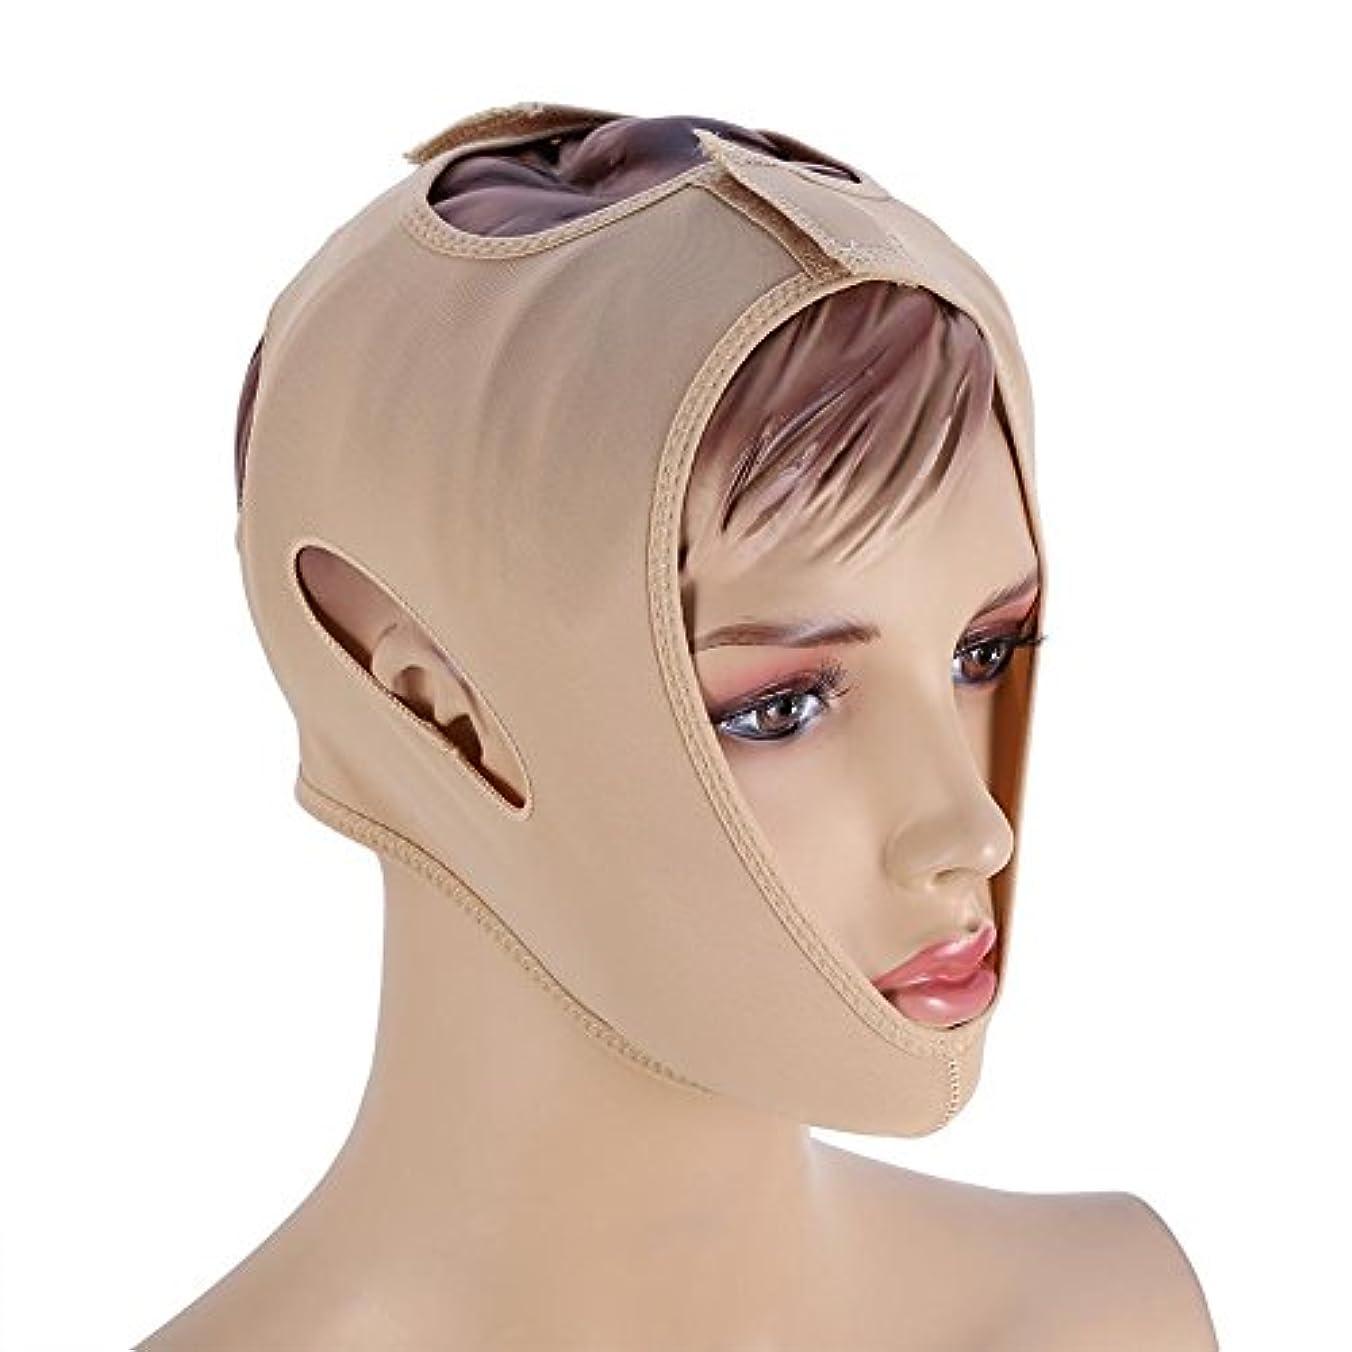 離れた対抗大騒ぎフェイスベルト 額、顎下、頬リフトアップ 小顔 美顔 頬のたるみ 引き上げマスク便利 伸縮性 繊維 (L码)